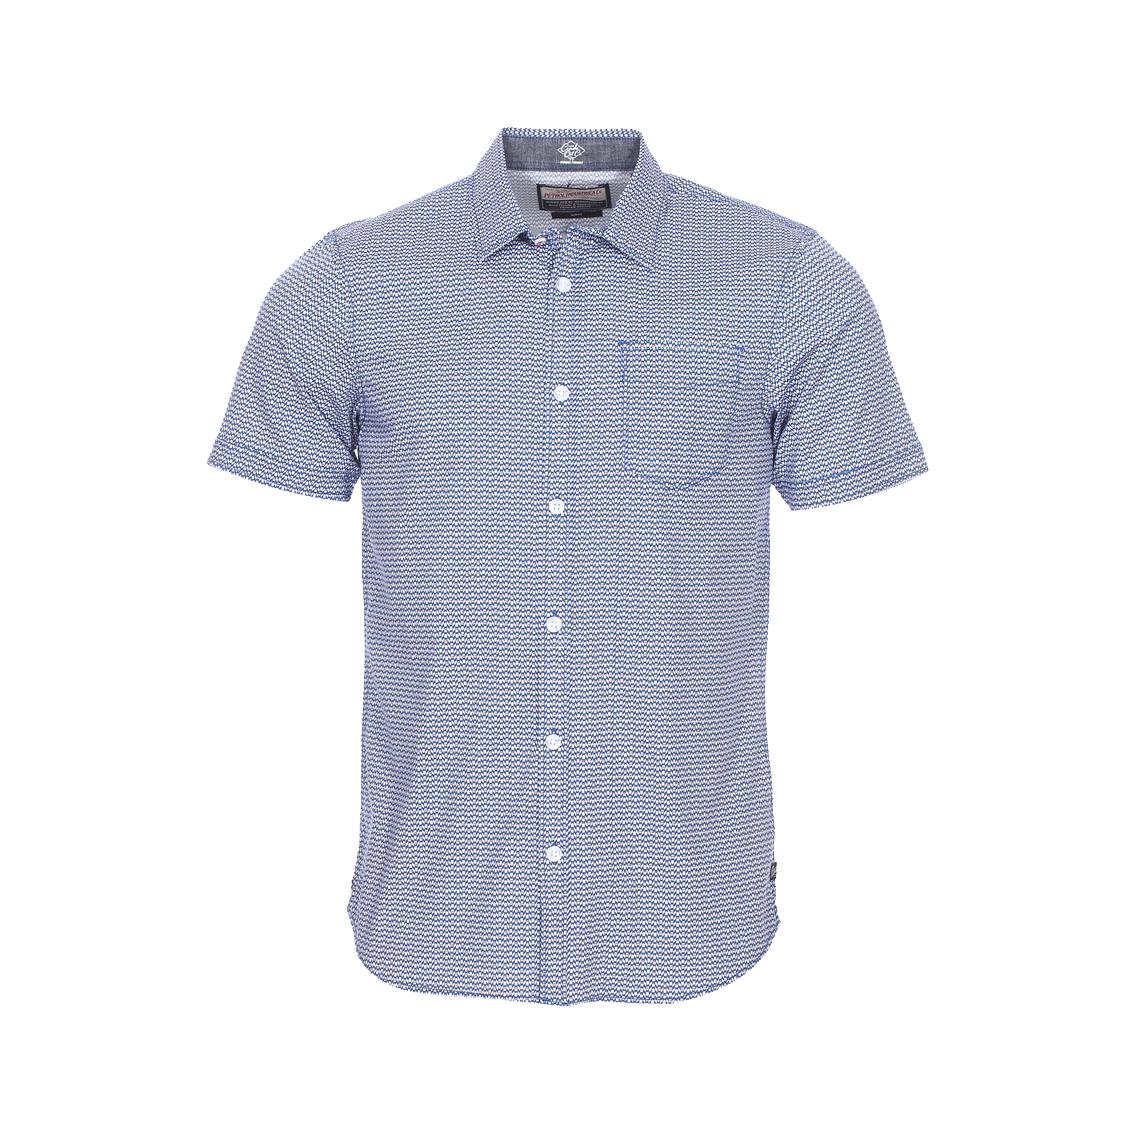 Chemise cintrée manches courtes petrol industrie en coton stretch à motifs bleus blancs et rouges